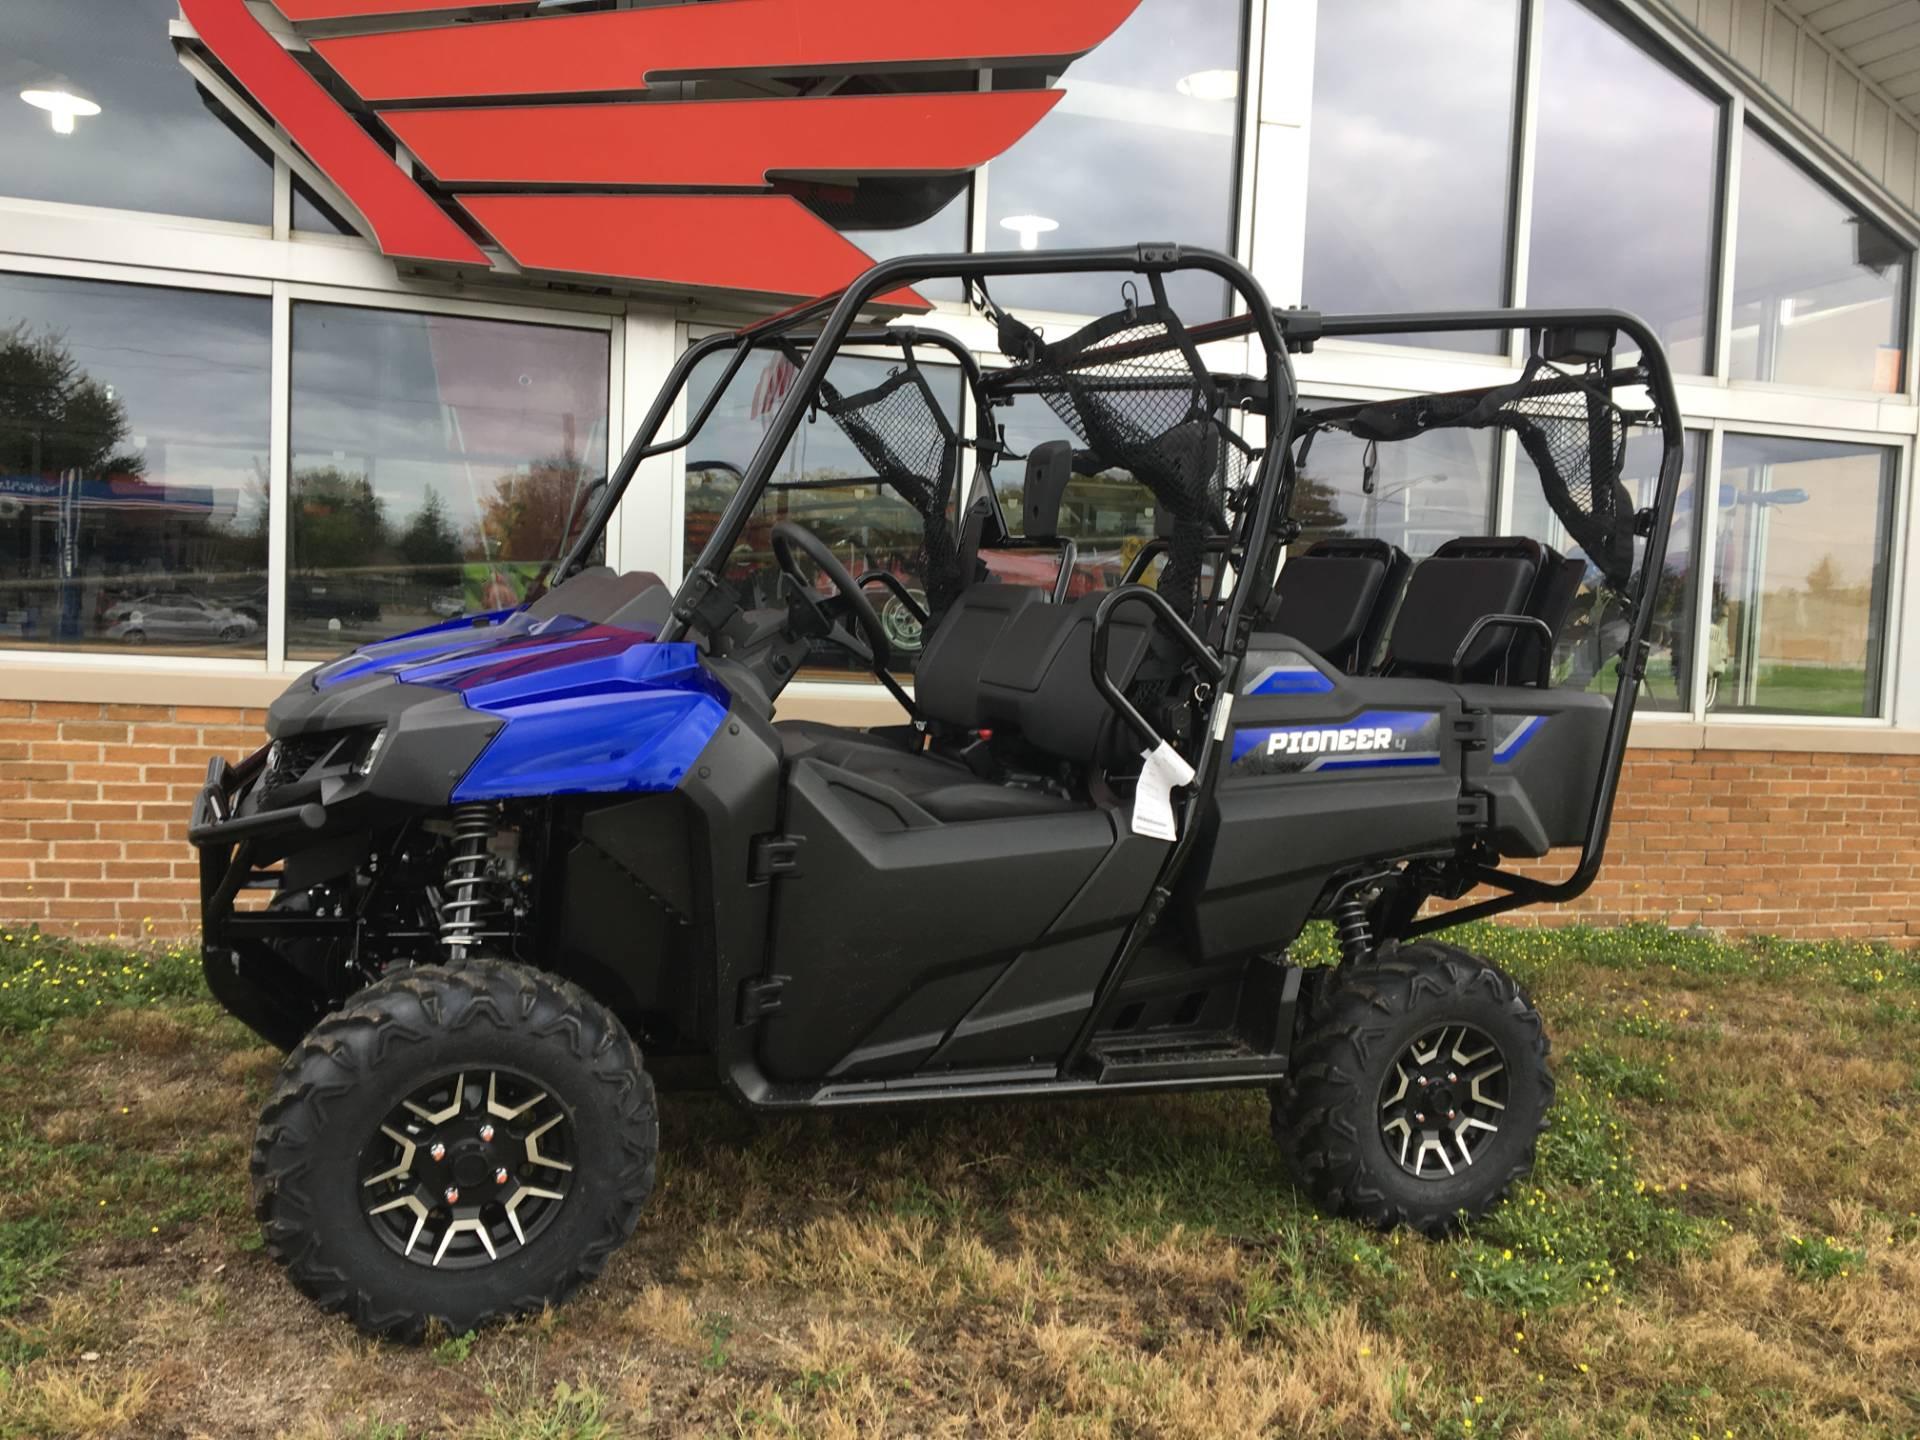 2019 Pioneer 700-4 Deluxe